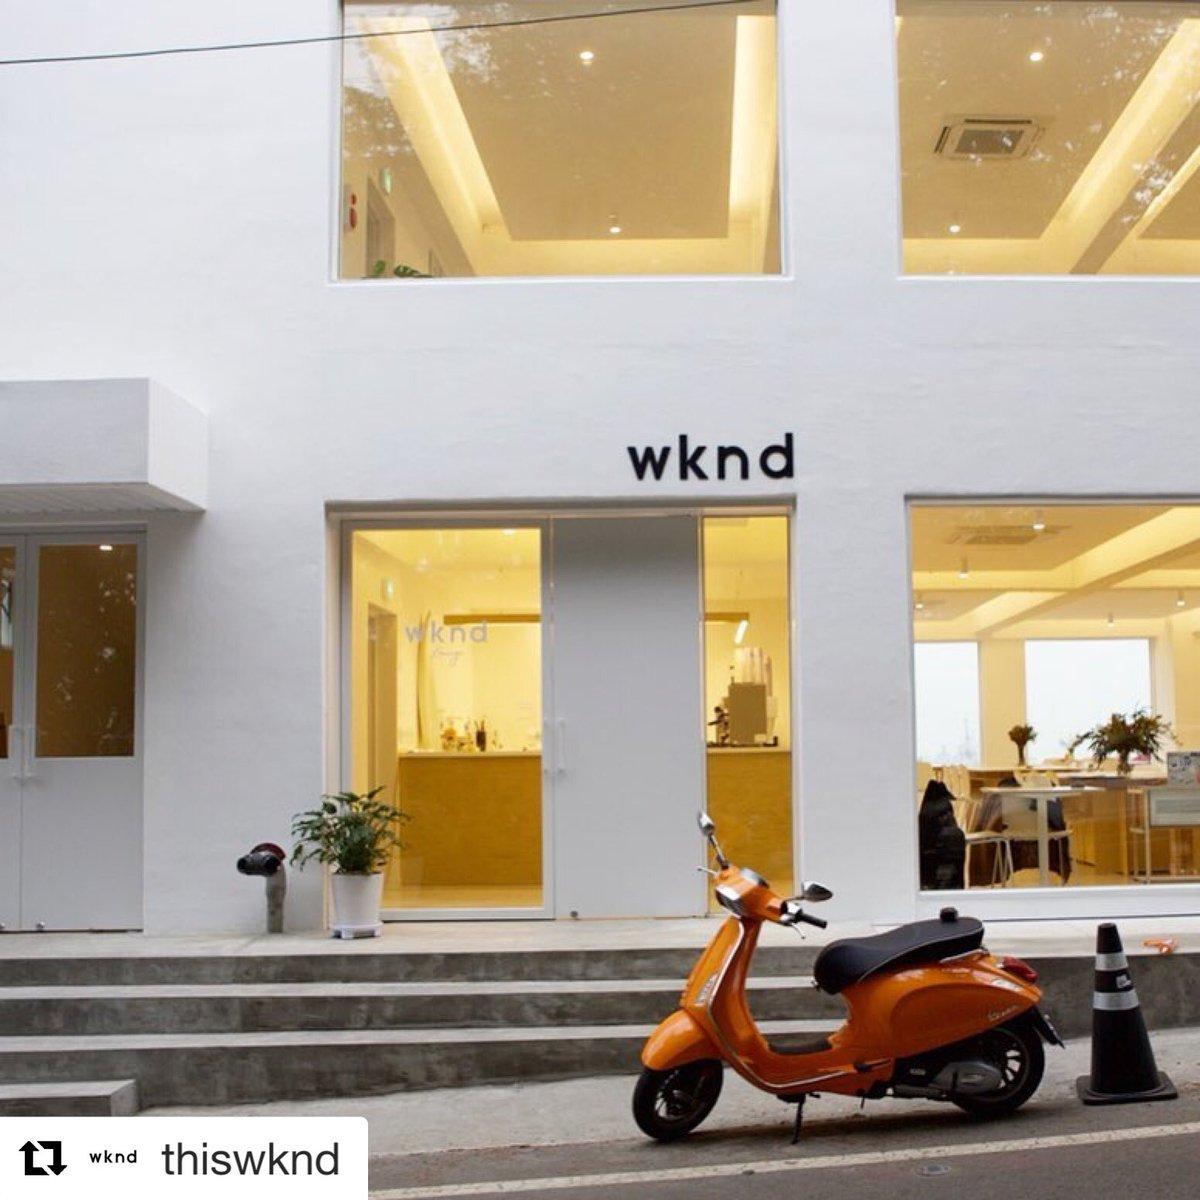 #รีวิวอินชอน ขออภัยที่เคยลงข้อมูลผิด Wkend Lounge ที่อินชอนมีสาขาเดียวค่ะ  ร้านแสงสวยมาก วิวยิ่งสวยมากไปอีก ต้องไปลองครีมกันแดดที่กันน้ำได้ รีวิวลงนิตยสารมากมาย แพคเกจจิ้งยังพาสเทลน่าใช้สุดๆ ด้วยนะ #รีวิวเกาหลี @Review_korea https://t.co/OHxiijCNsS